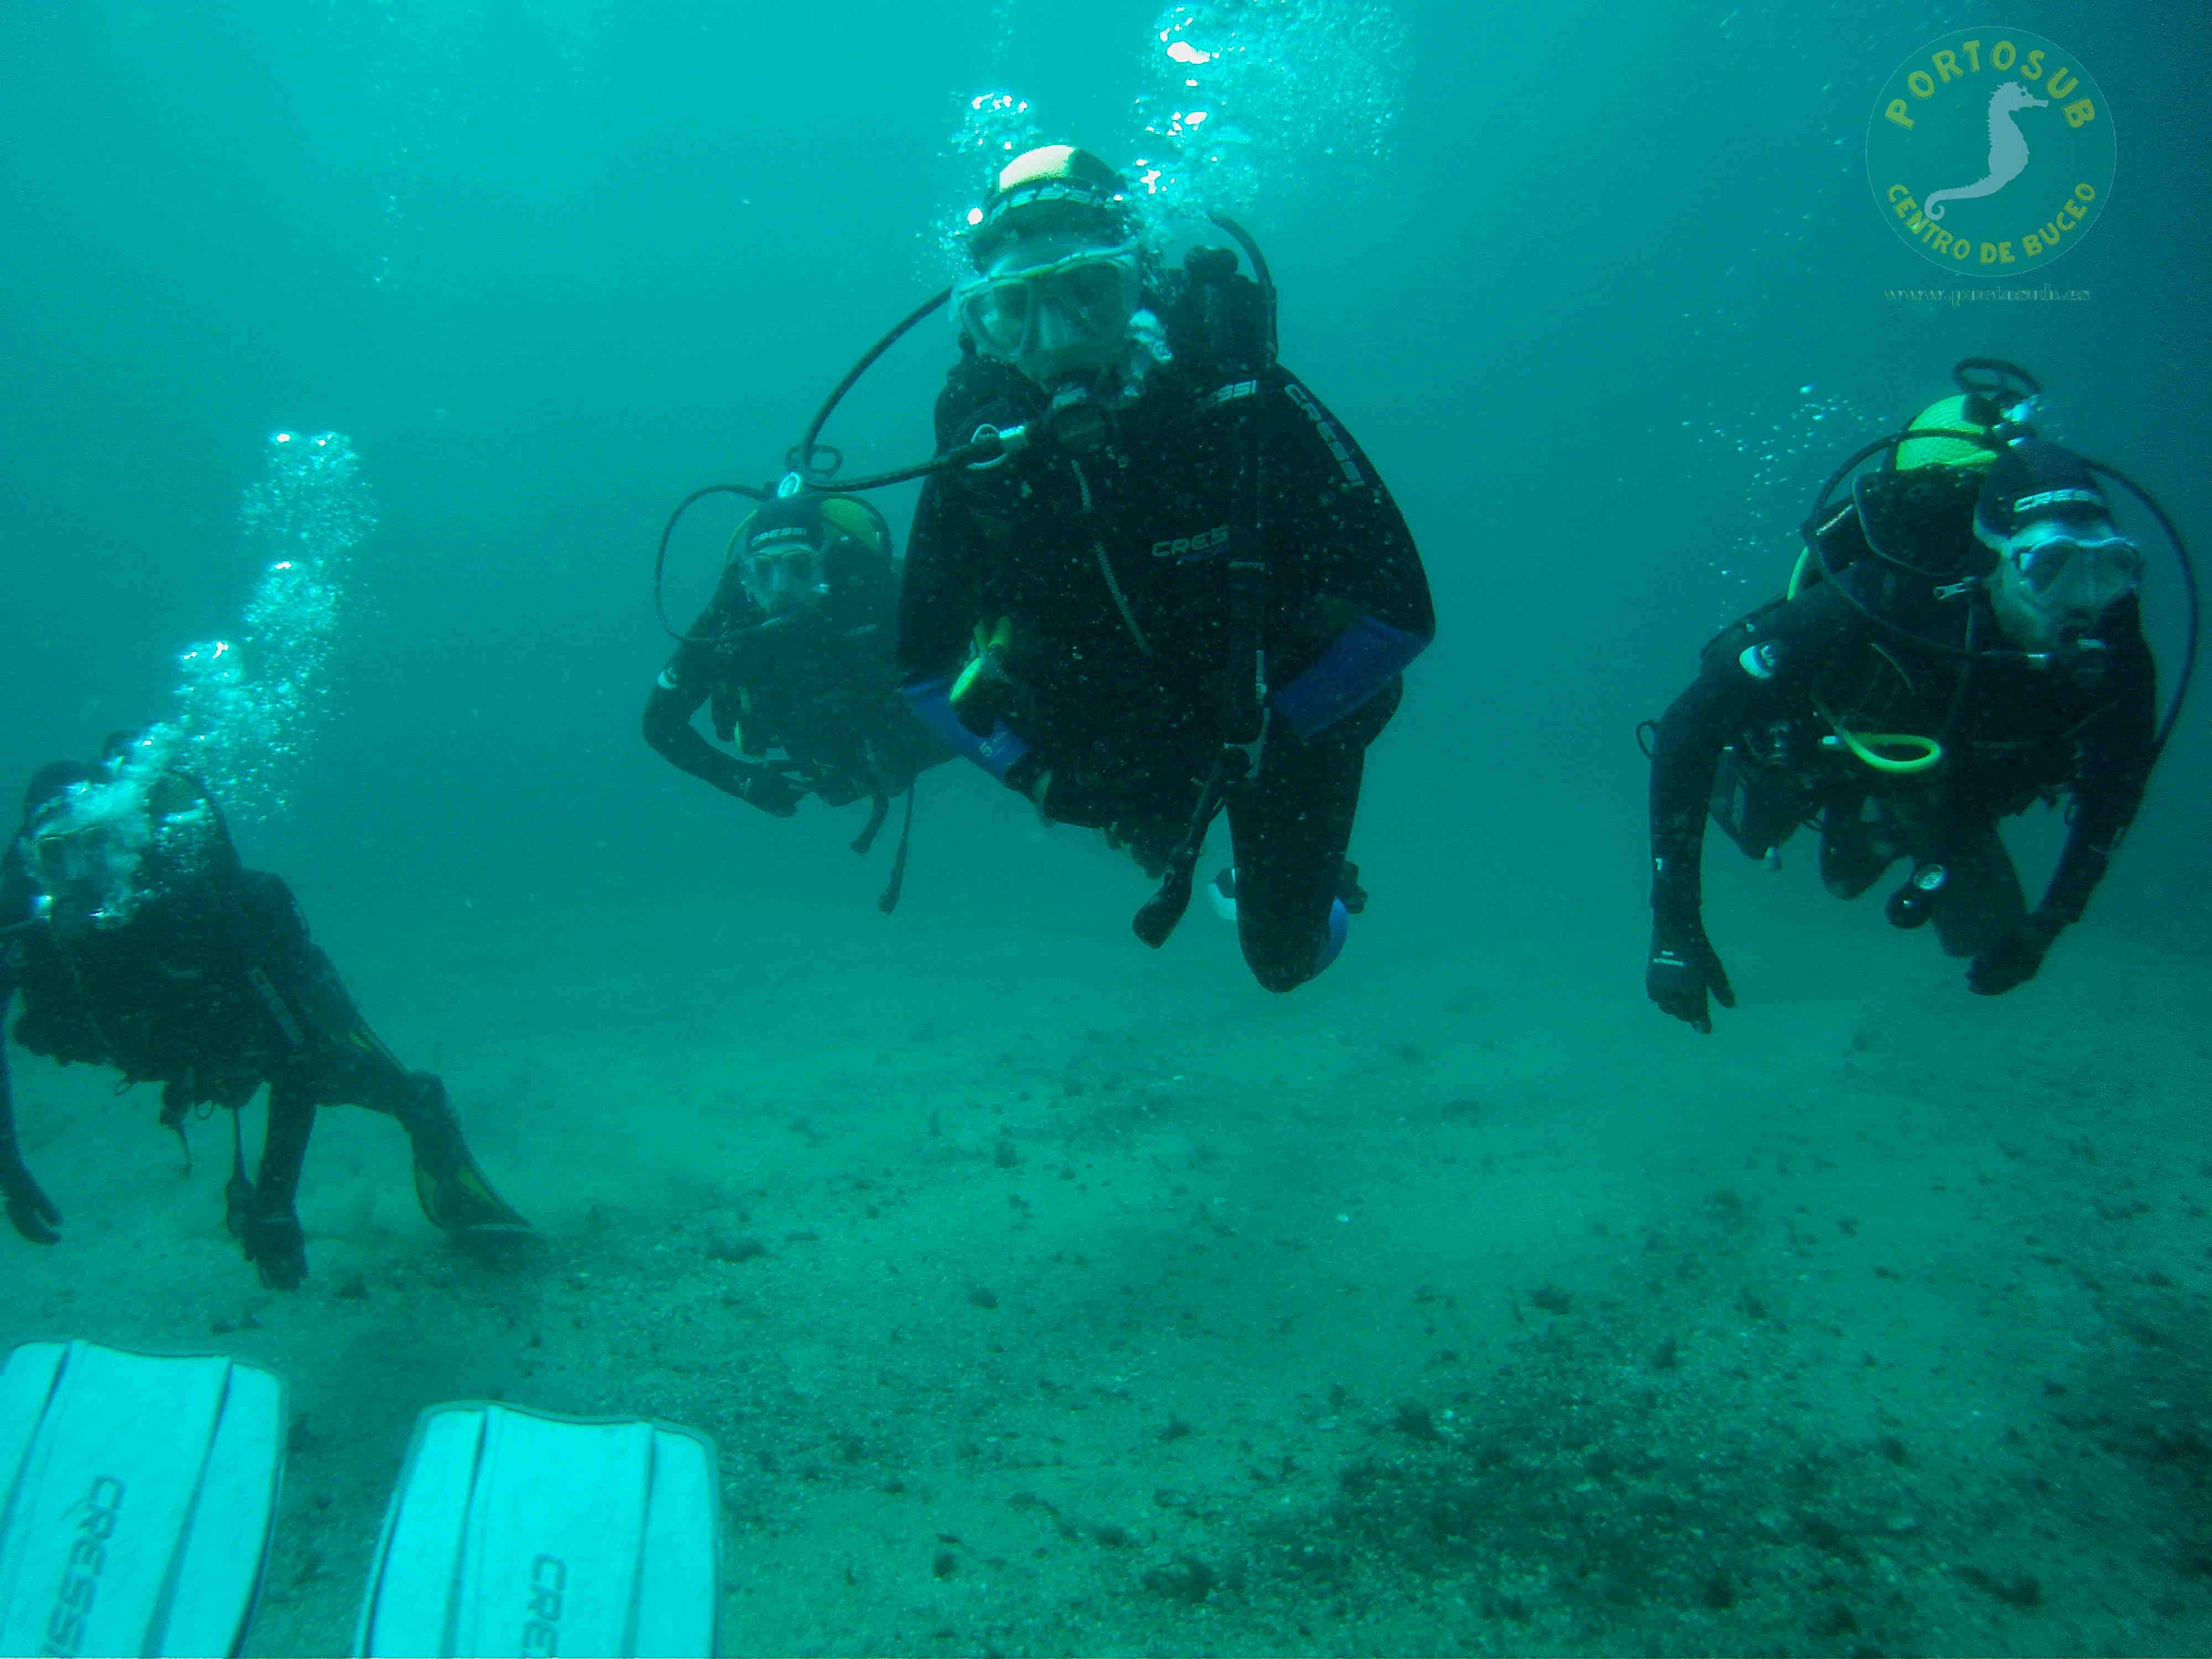 Reserva online alojamiento para submarinistas